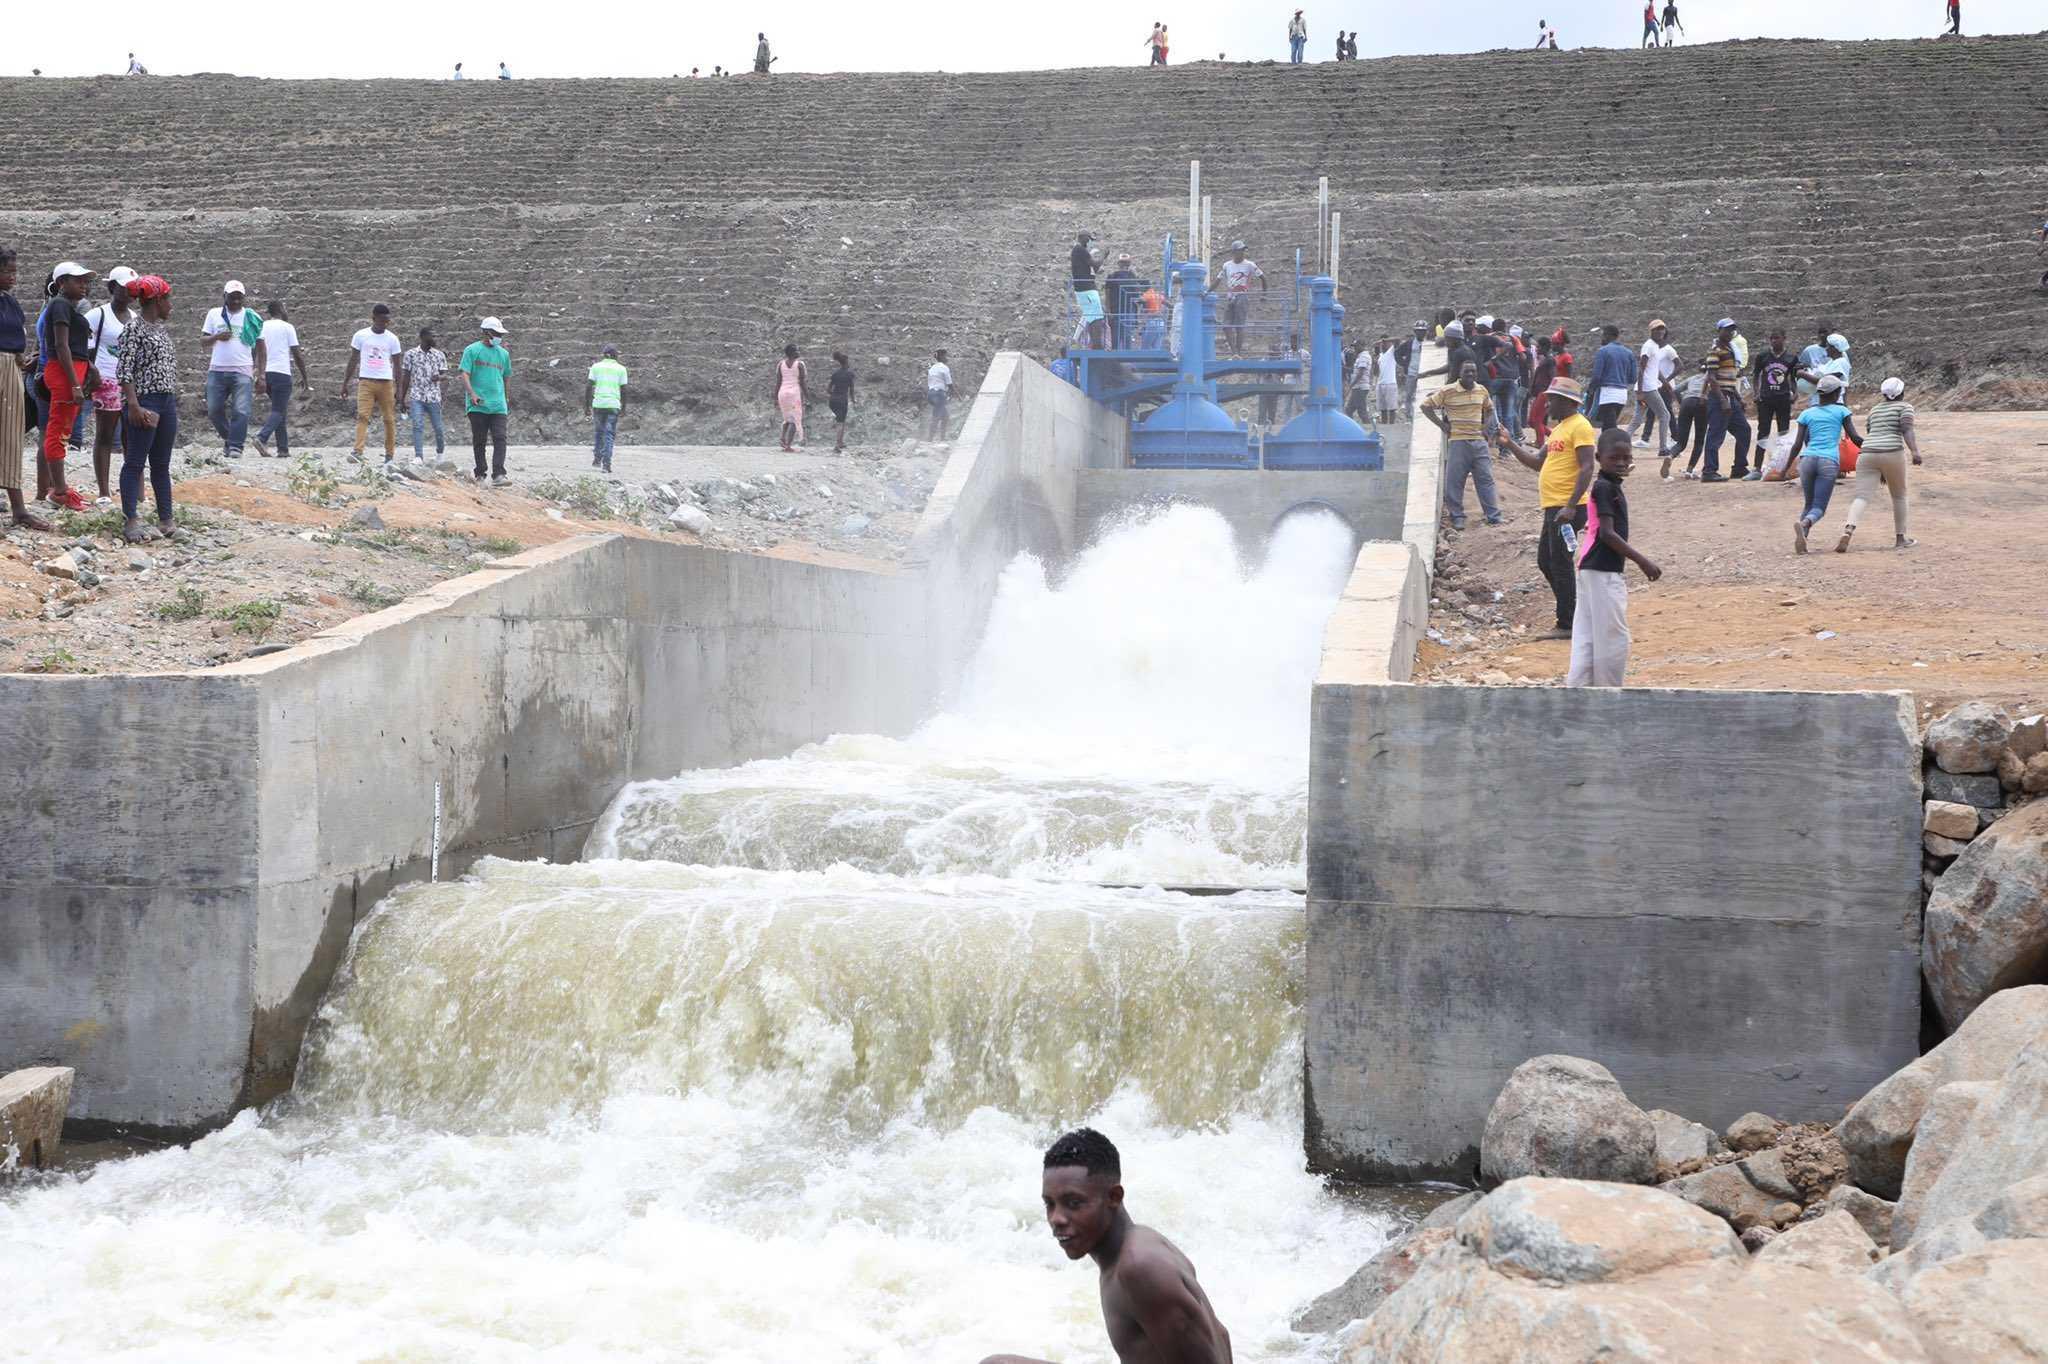 Inauguration du barrage de Marion : un projet qui nourrit de grandes ambitions